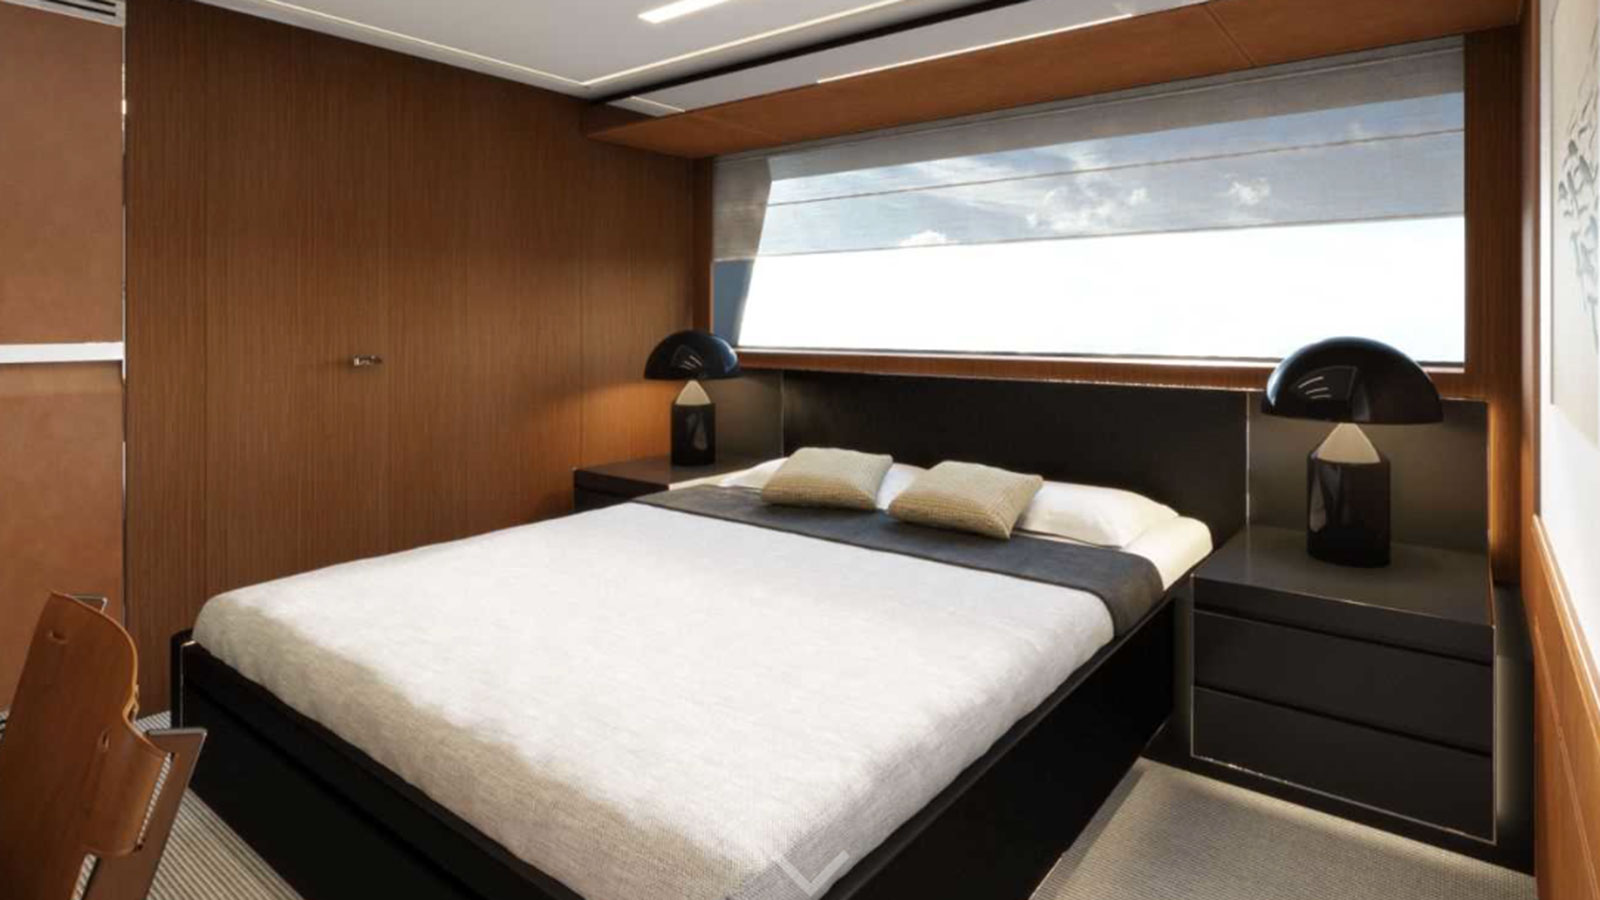 guest-cabin-on-the-riva-100-corsaro-super-yacht